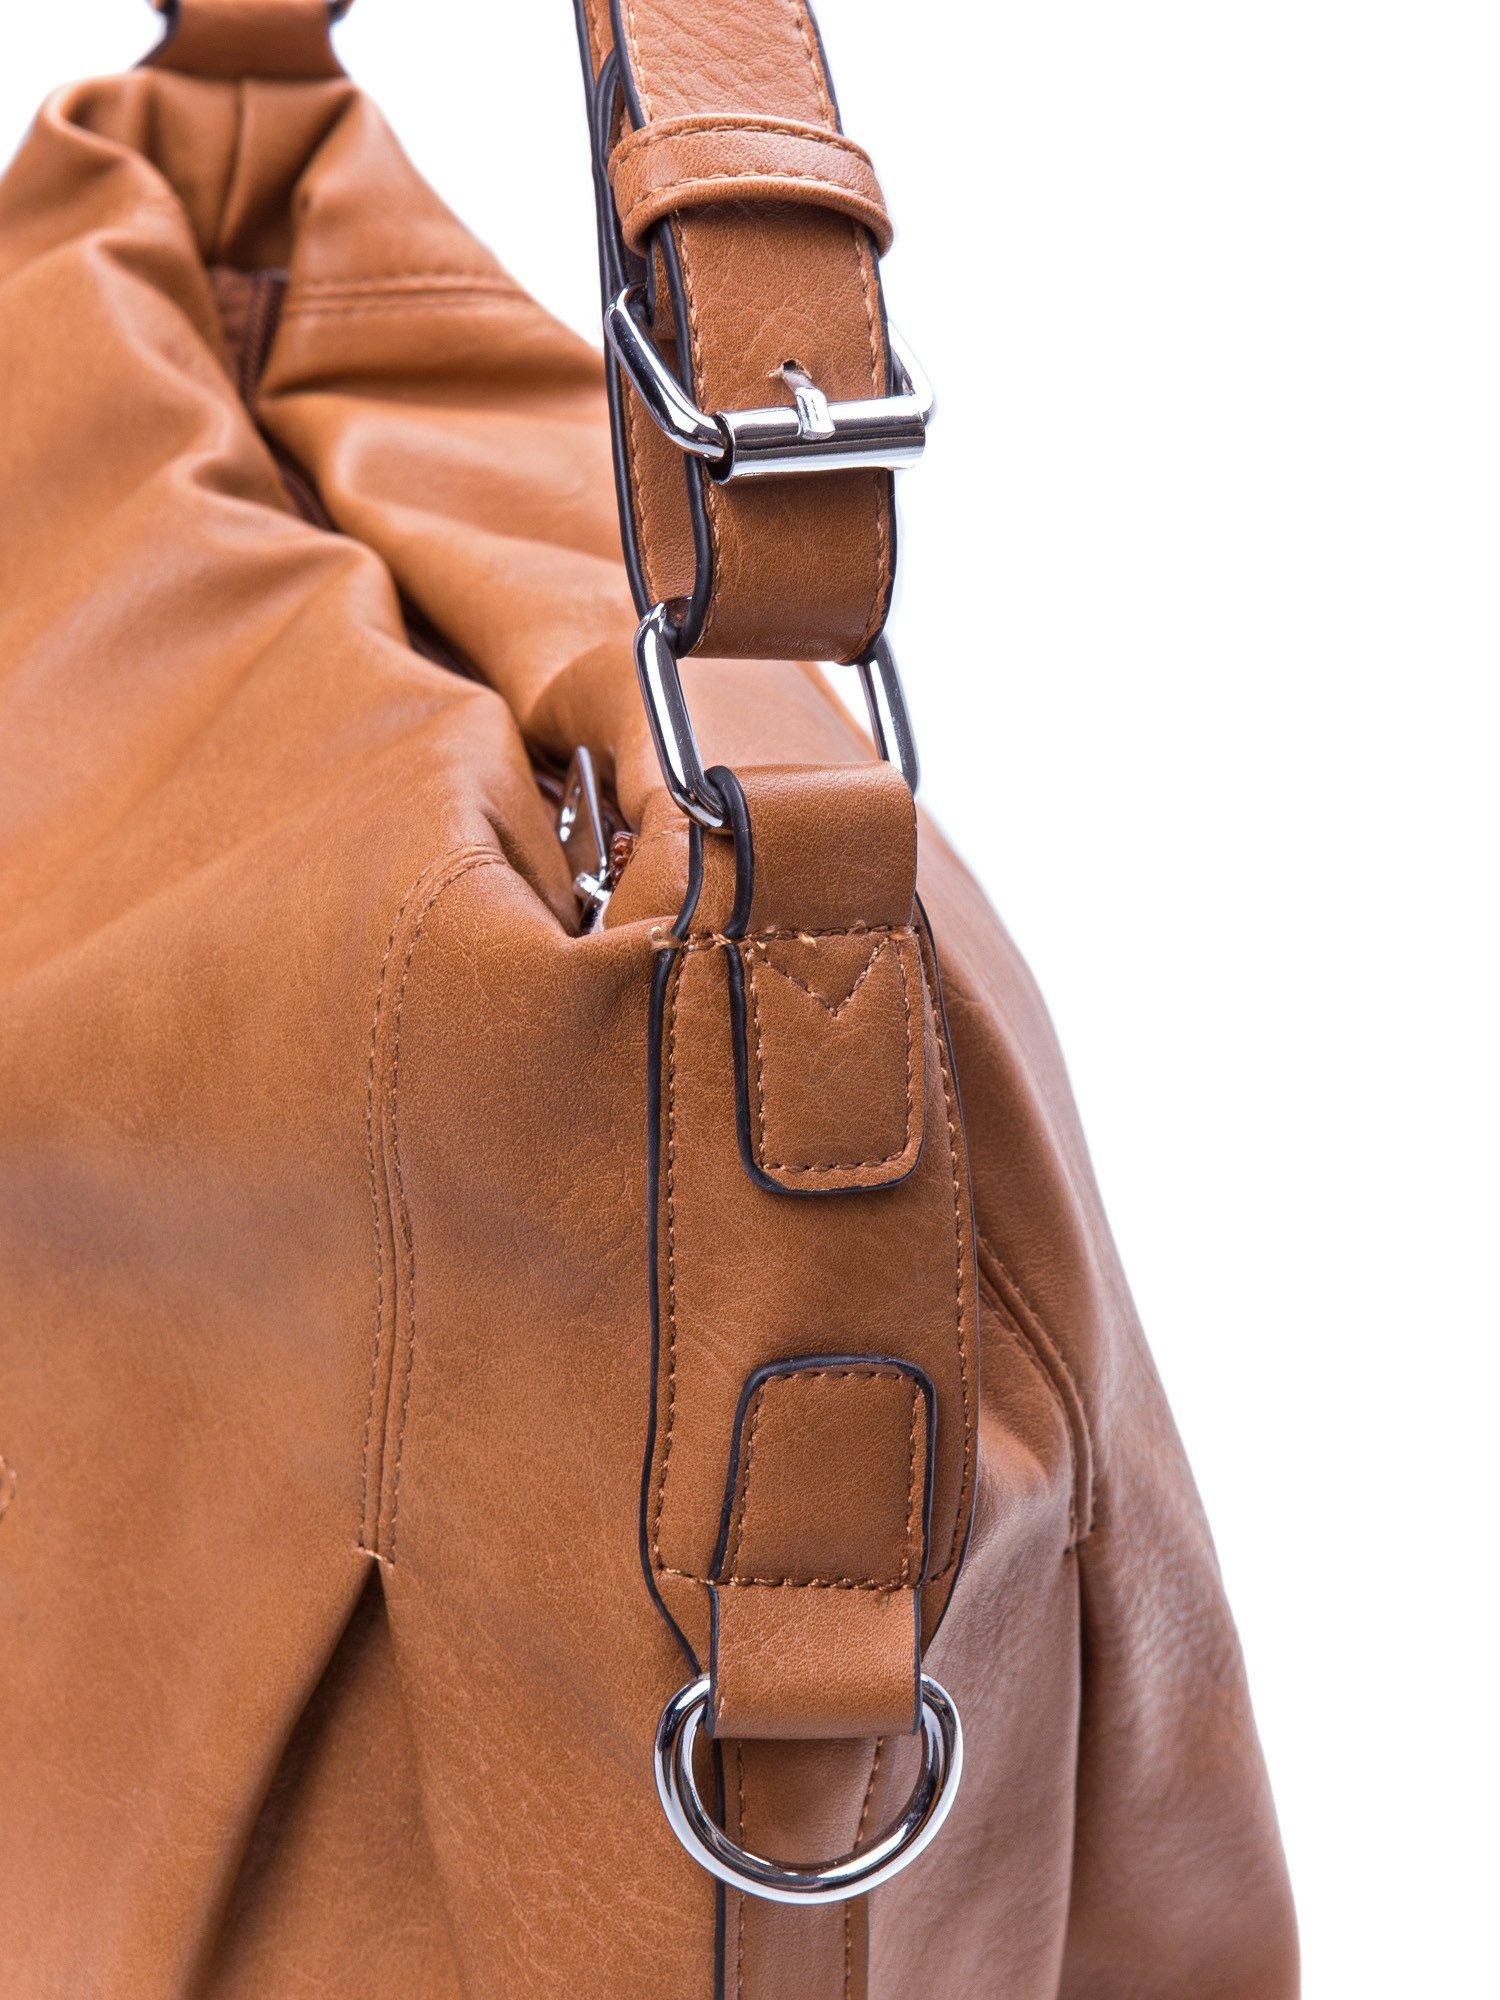 Brązowa torebka hobo na ramię                                  zdj.                                  3